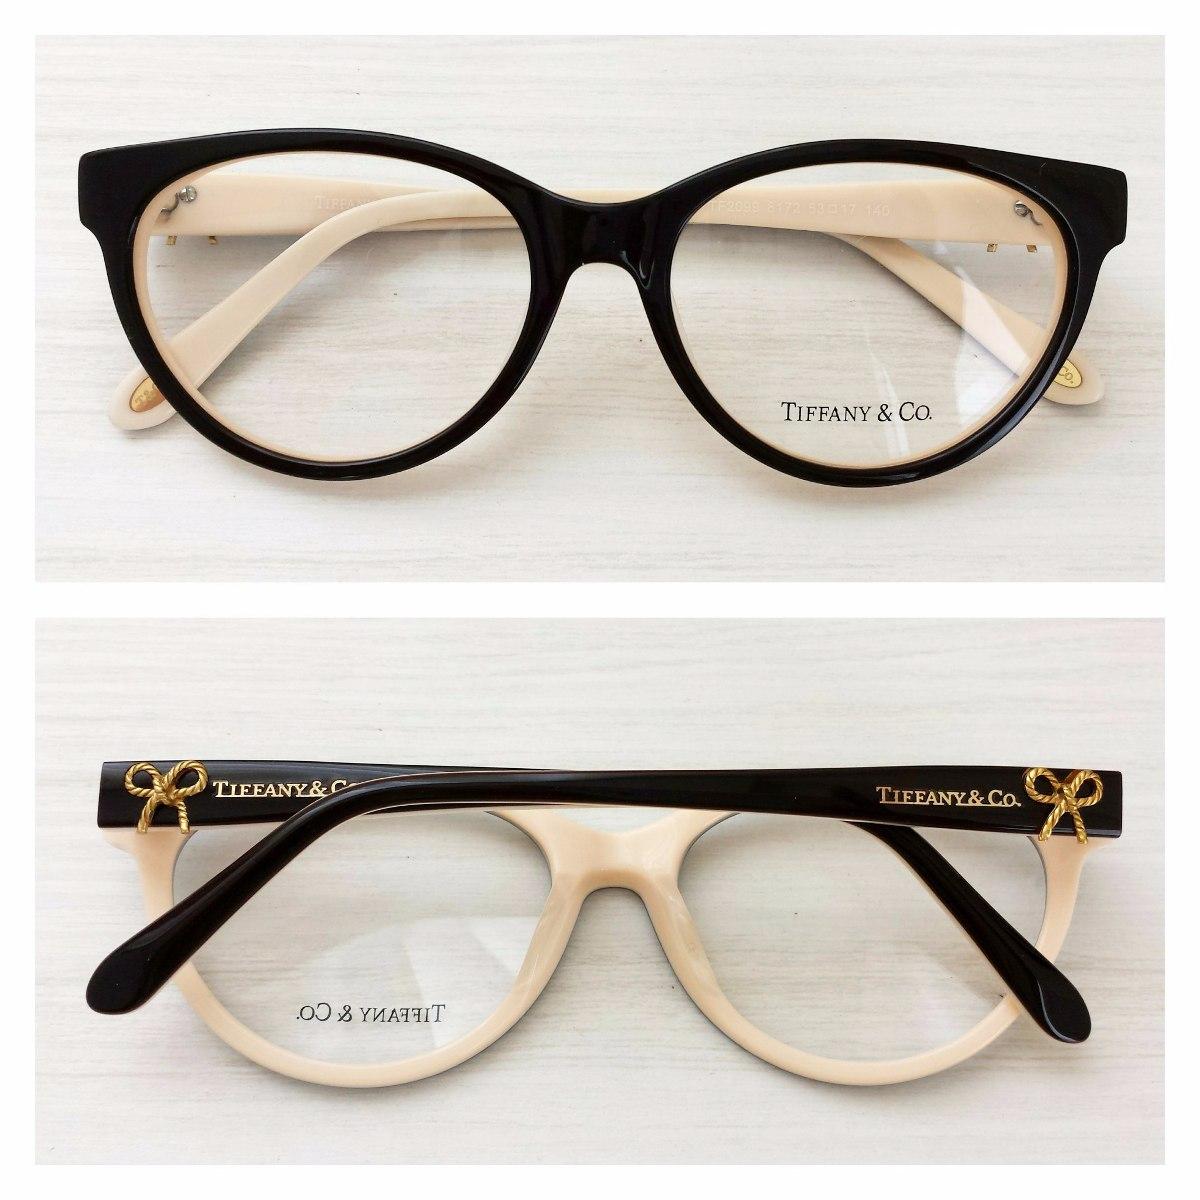 6dc6f4851c81f armação óculos de grau feminino acetato tf2099. Carregando zoom.